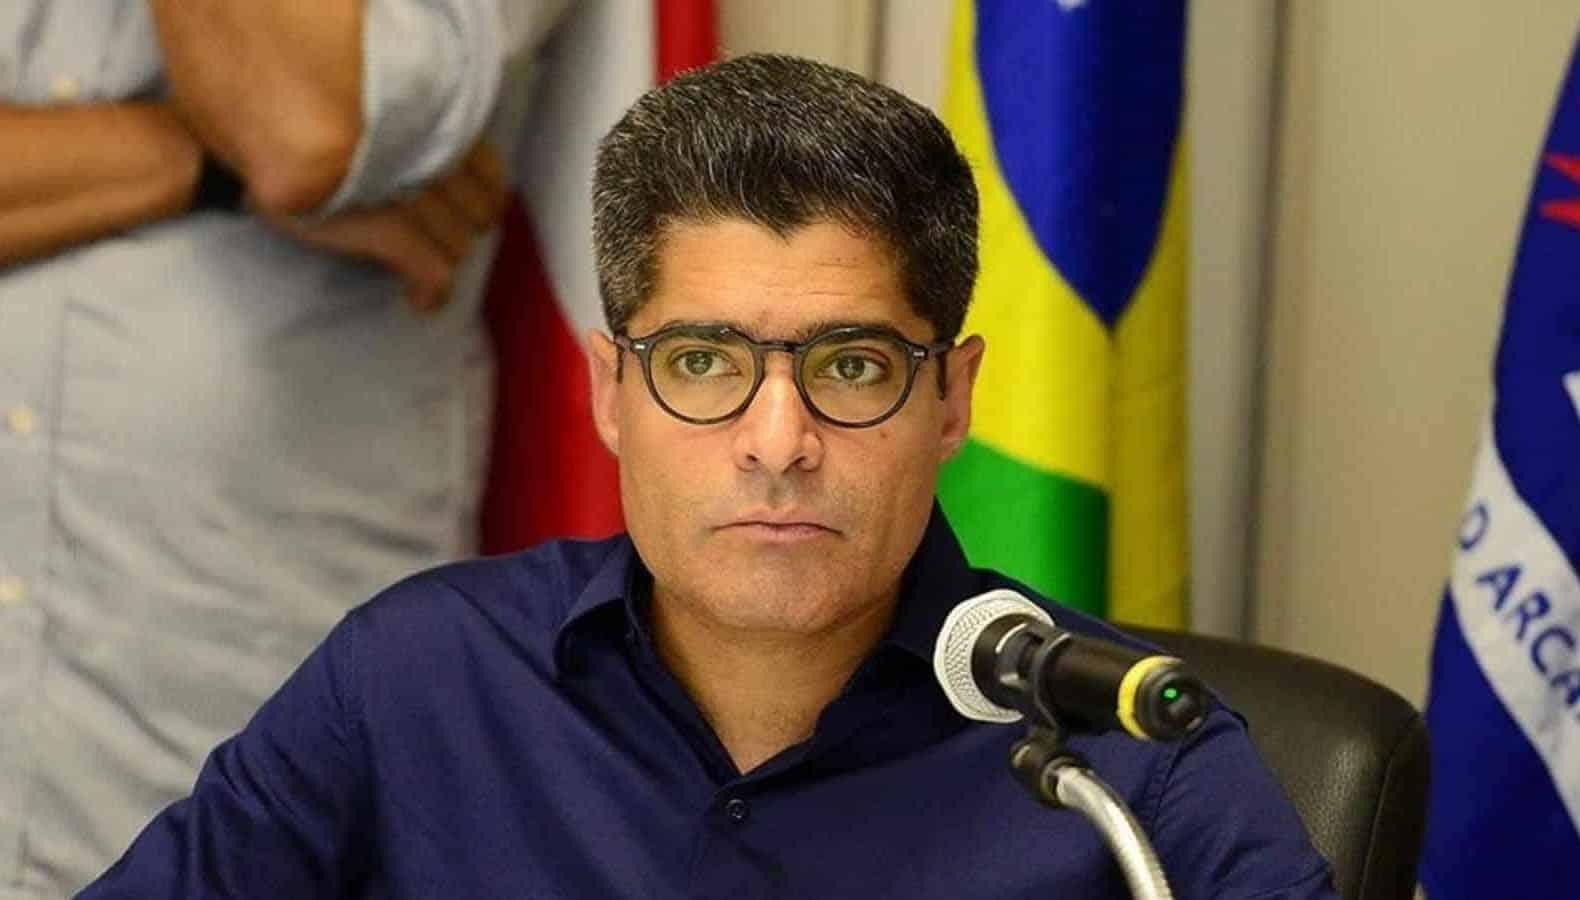 ACM Neto ameaça hegemonia do PT na Bahia e lidera corrida para 2022, diz pesquisa